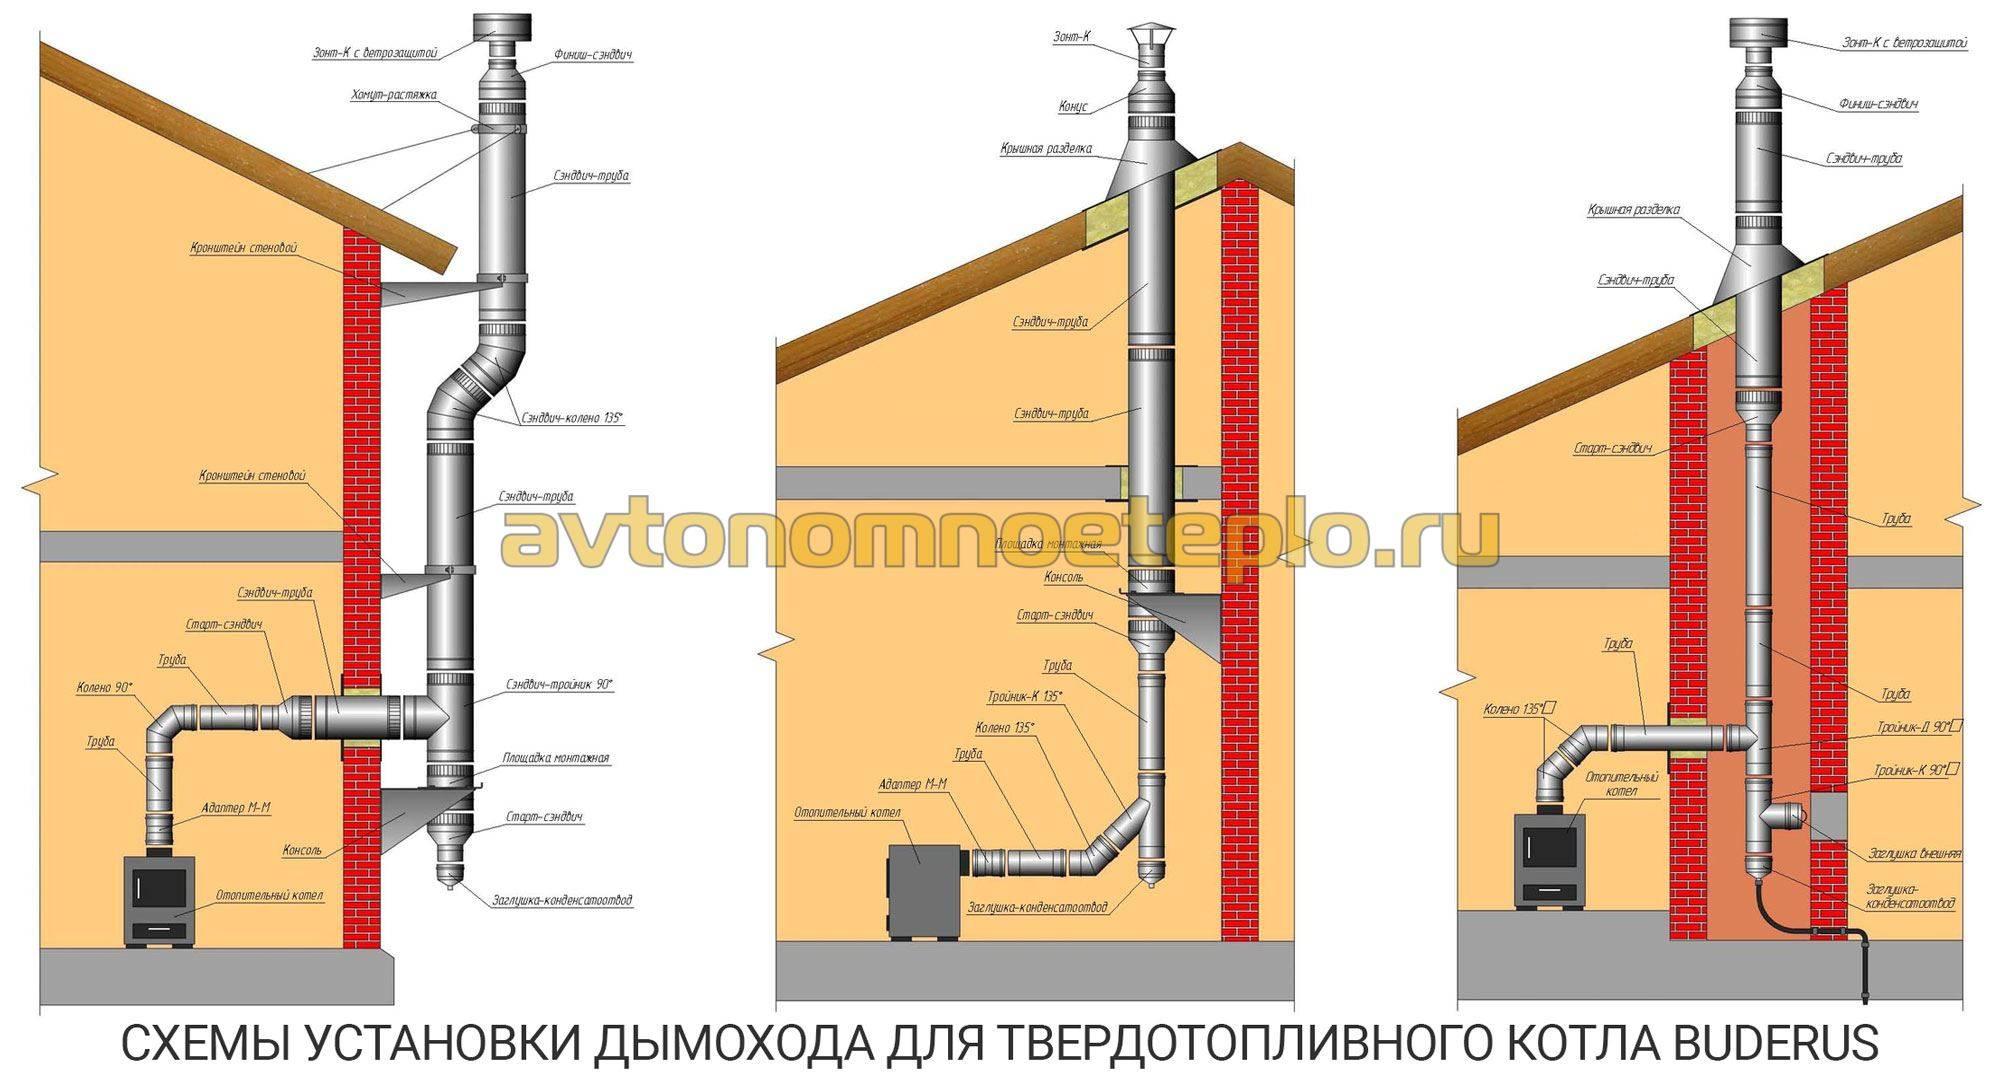 Дымоходы для твердотопливных котлов - особенности различных конструкций